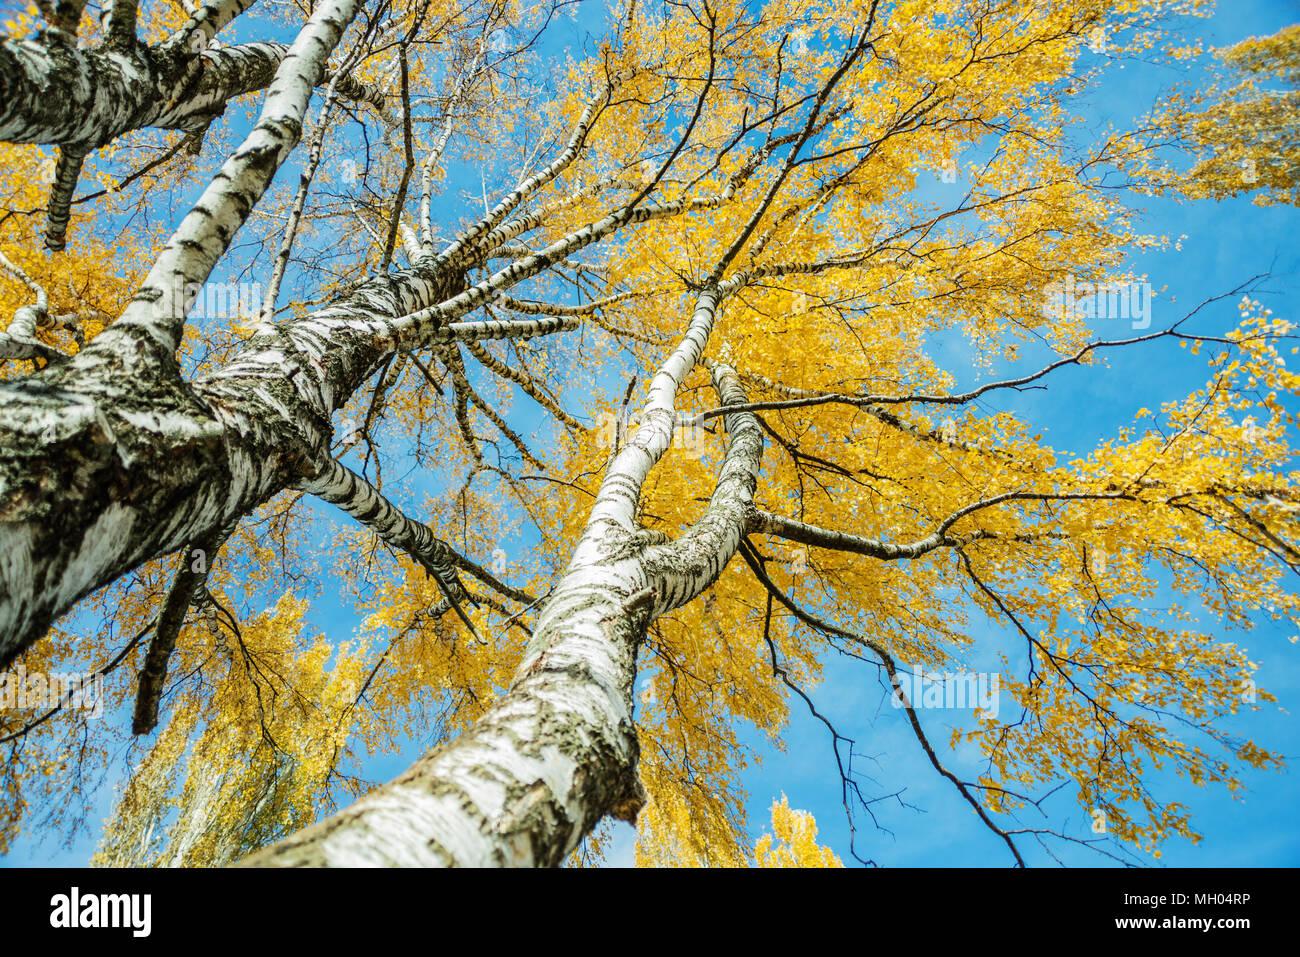 foto de Vieux bouleaux jaunes de l'automne avec les feuilles contre le ...